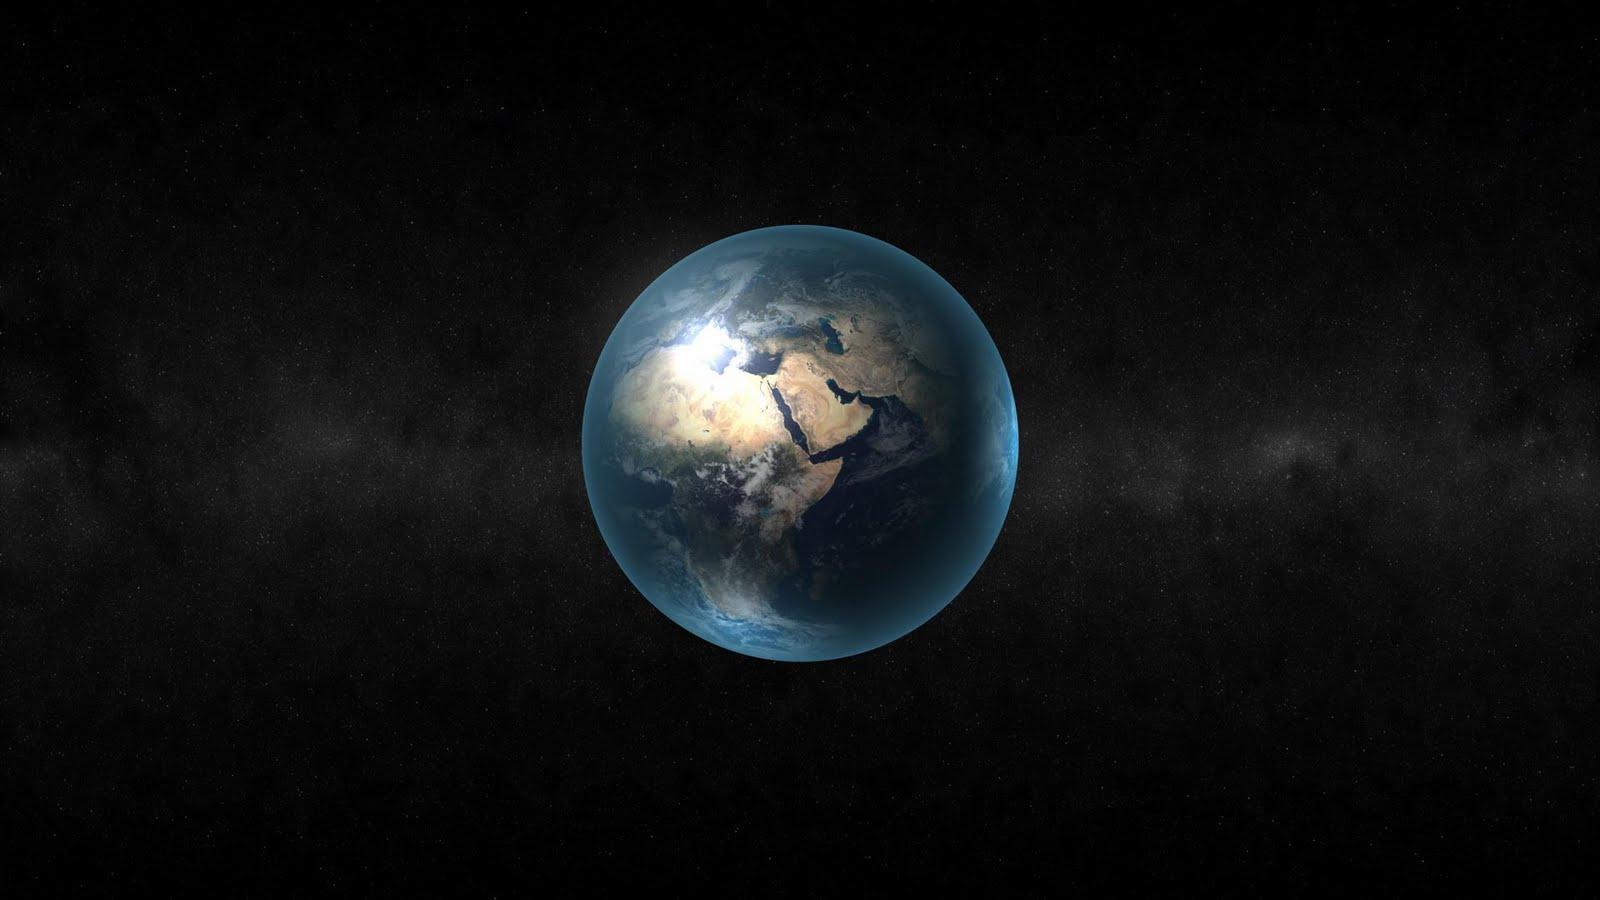 http://4.bp.blogspot.com/-7hfFfPblj_4/TkYeXWgjAtI/AAAAAAAABzo/3wYmR8KlSIU/s1600/space-earth-nasa-hd-wallpapers-62.jpg